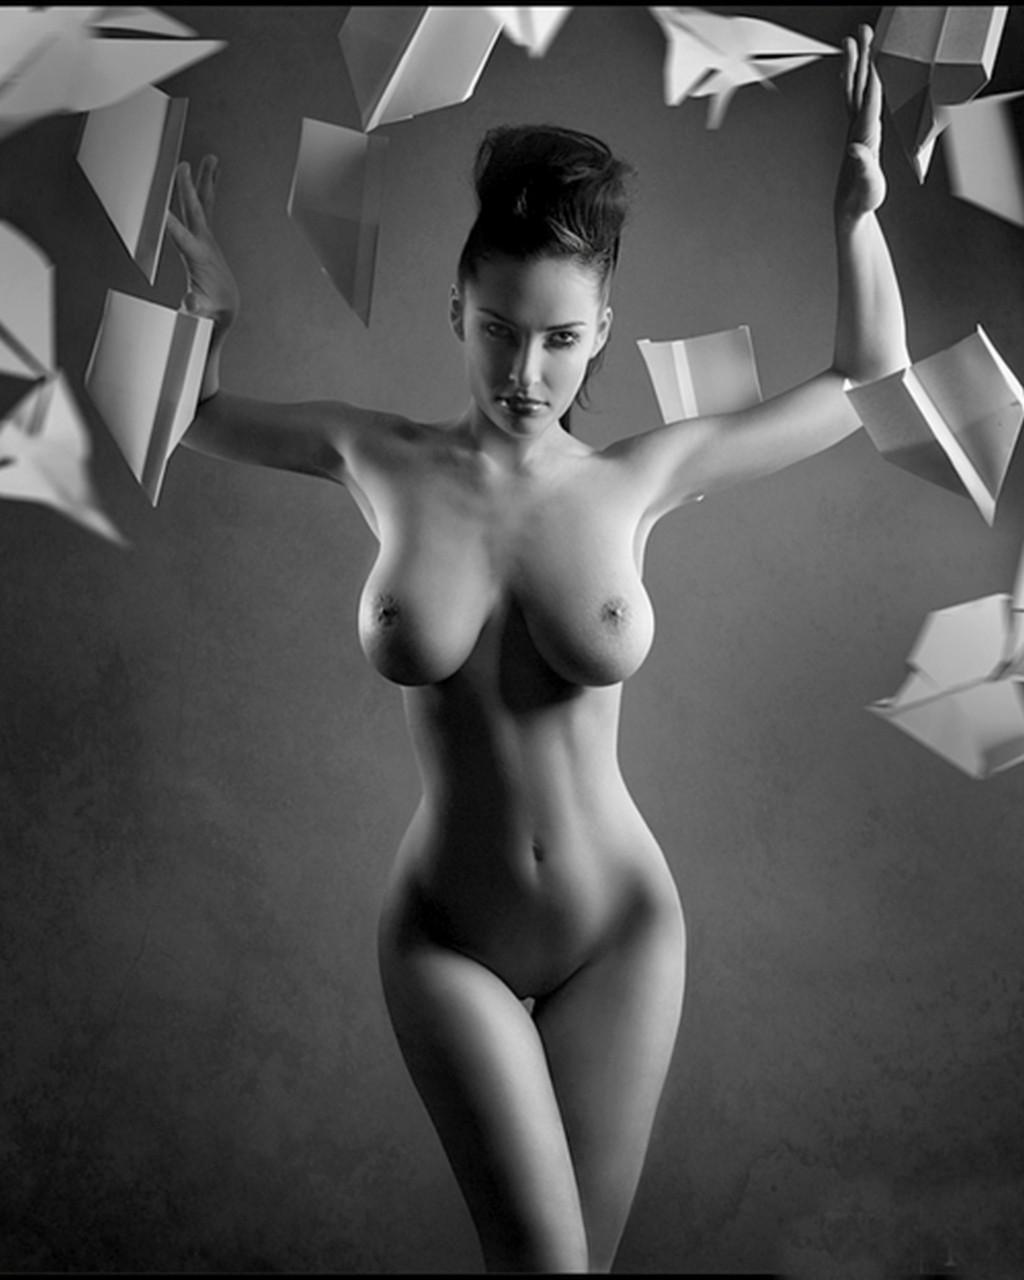 Эротика фигура красивая 6 фотография